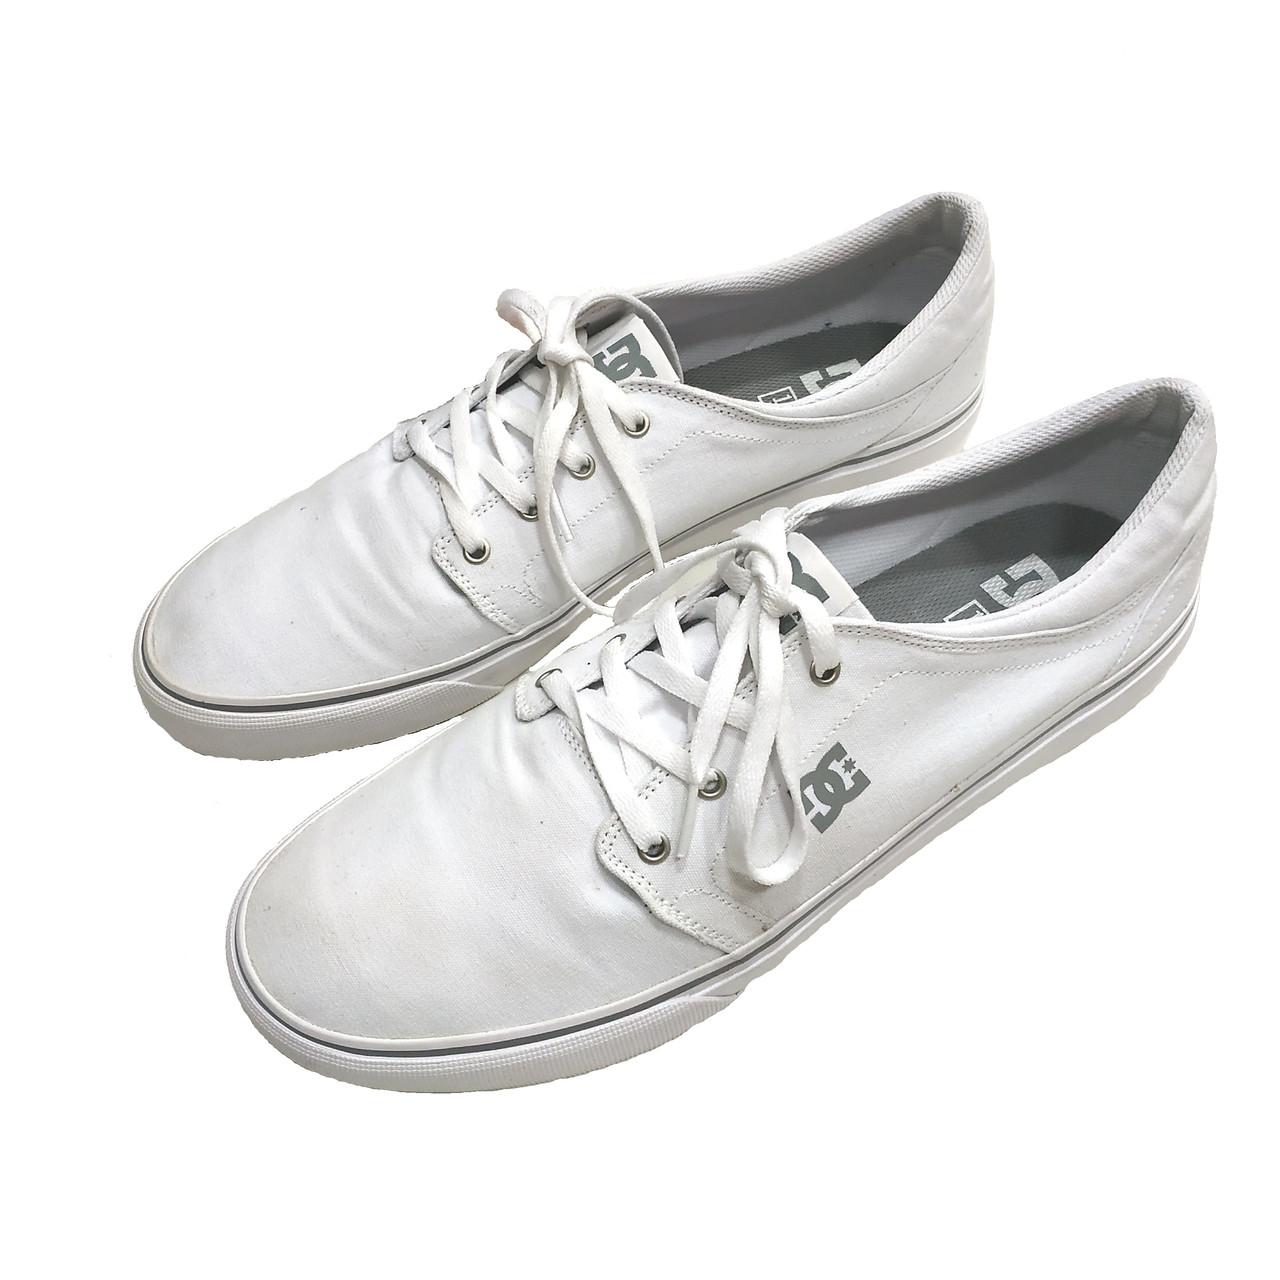 a5d1c8d1 Кеды мужские белые DC Shoes размер 45 - Интернет-магазин